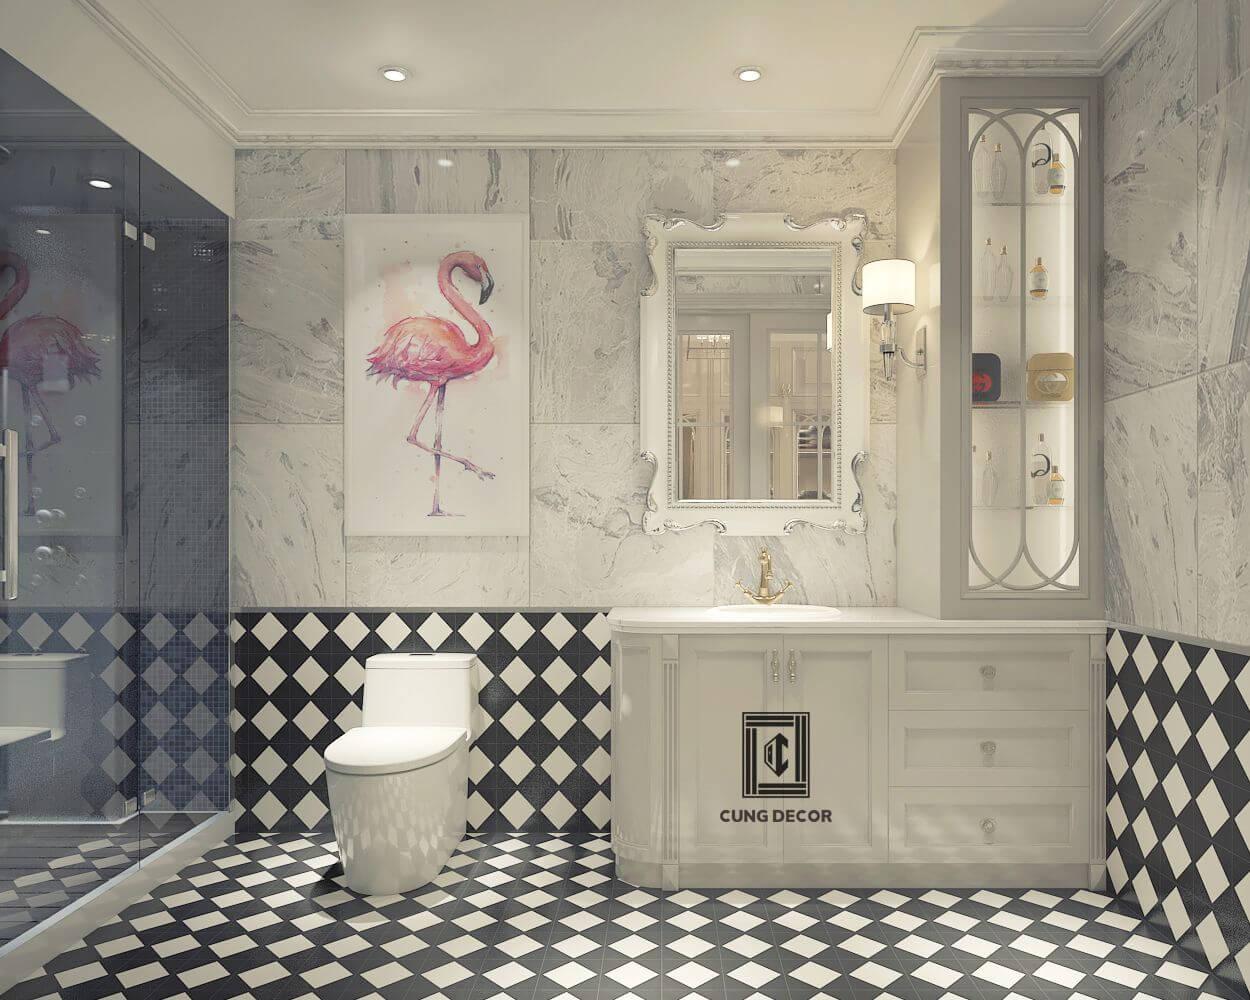 thiết kế nhà và nội thất